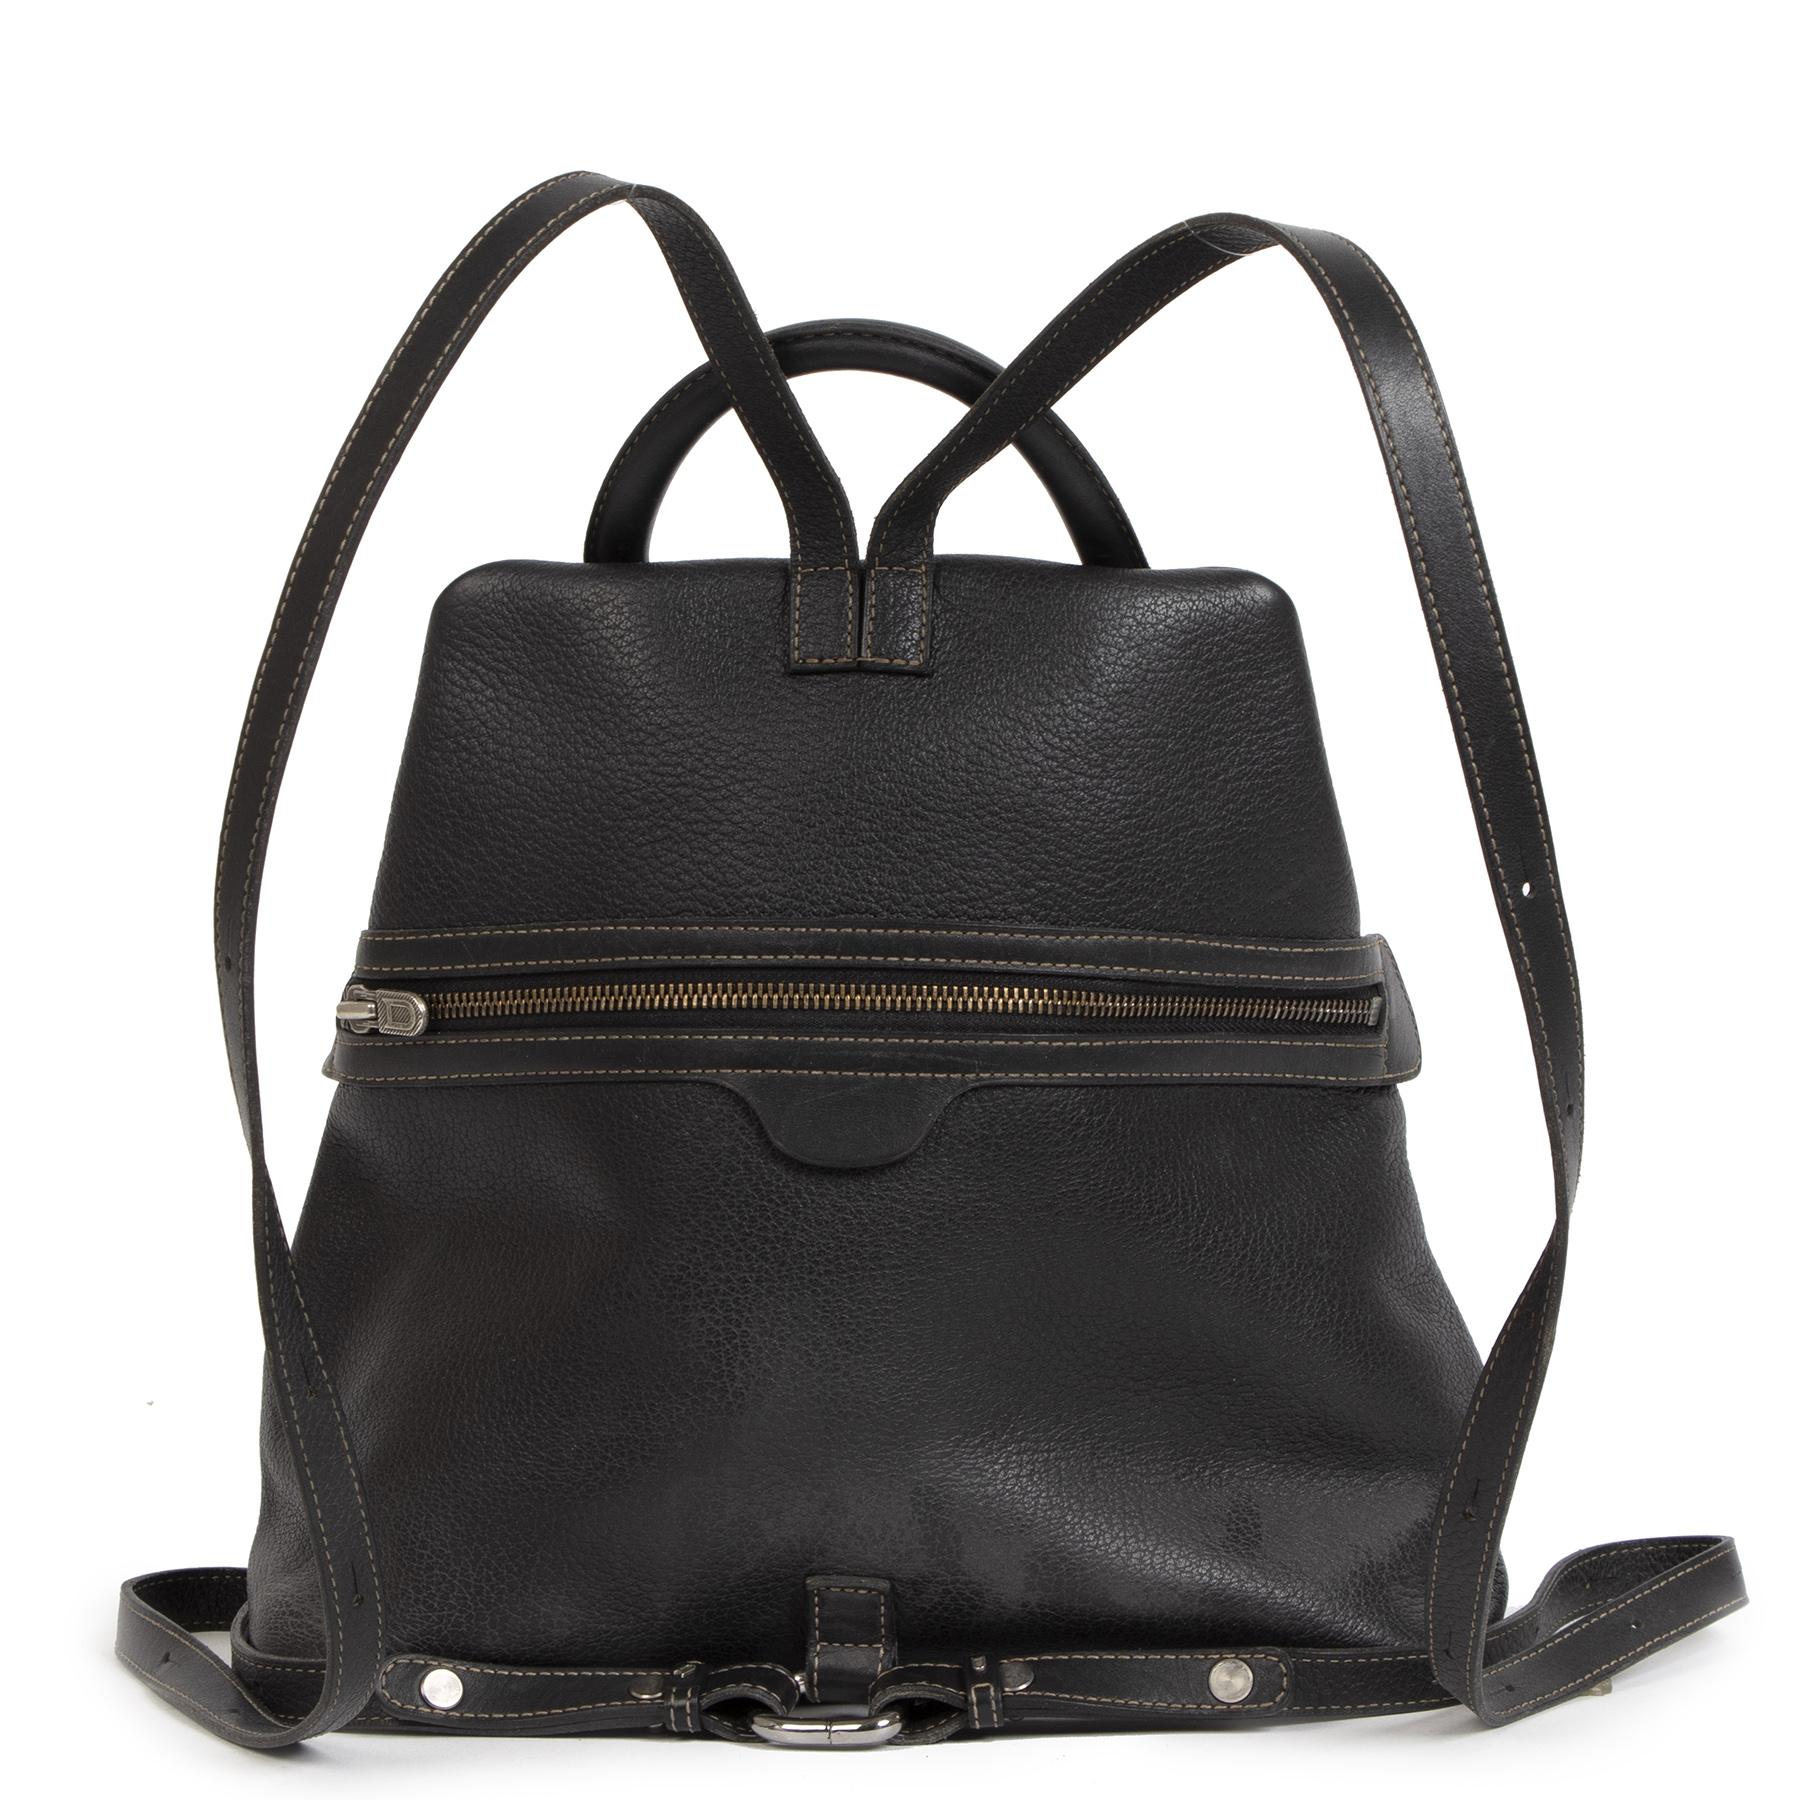 Authentieke Tweedehands Deux de Delvaux Black Leather Backpack juiste prijs veilig online shoppen luxe merken webshop winkelen Antwerpen België mode fashion